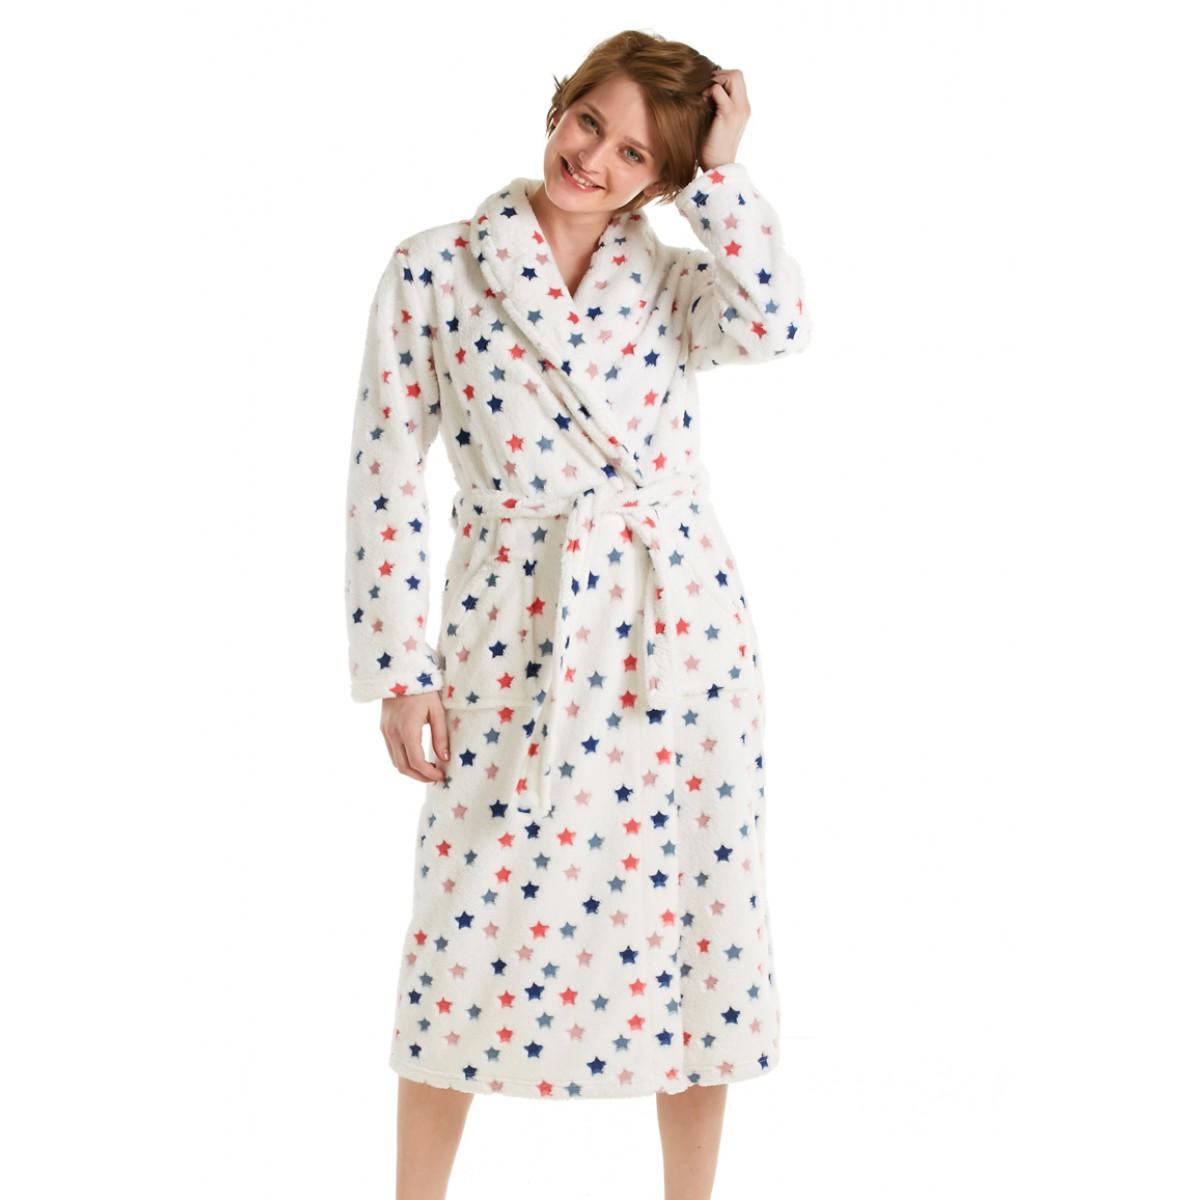 Schoudertas Met Sterren : Damesbadjas met sterren badjas kopen